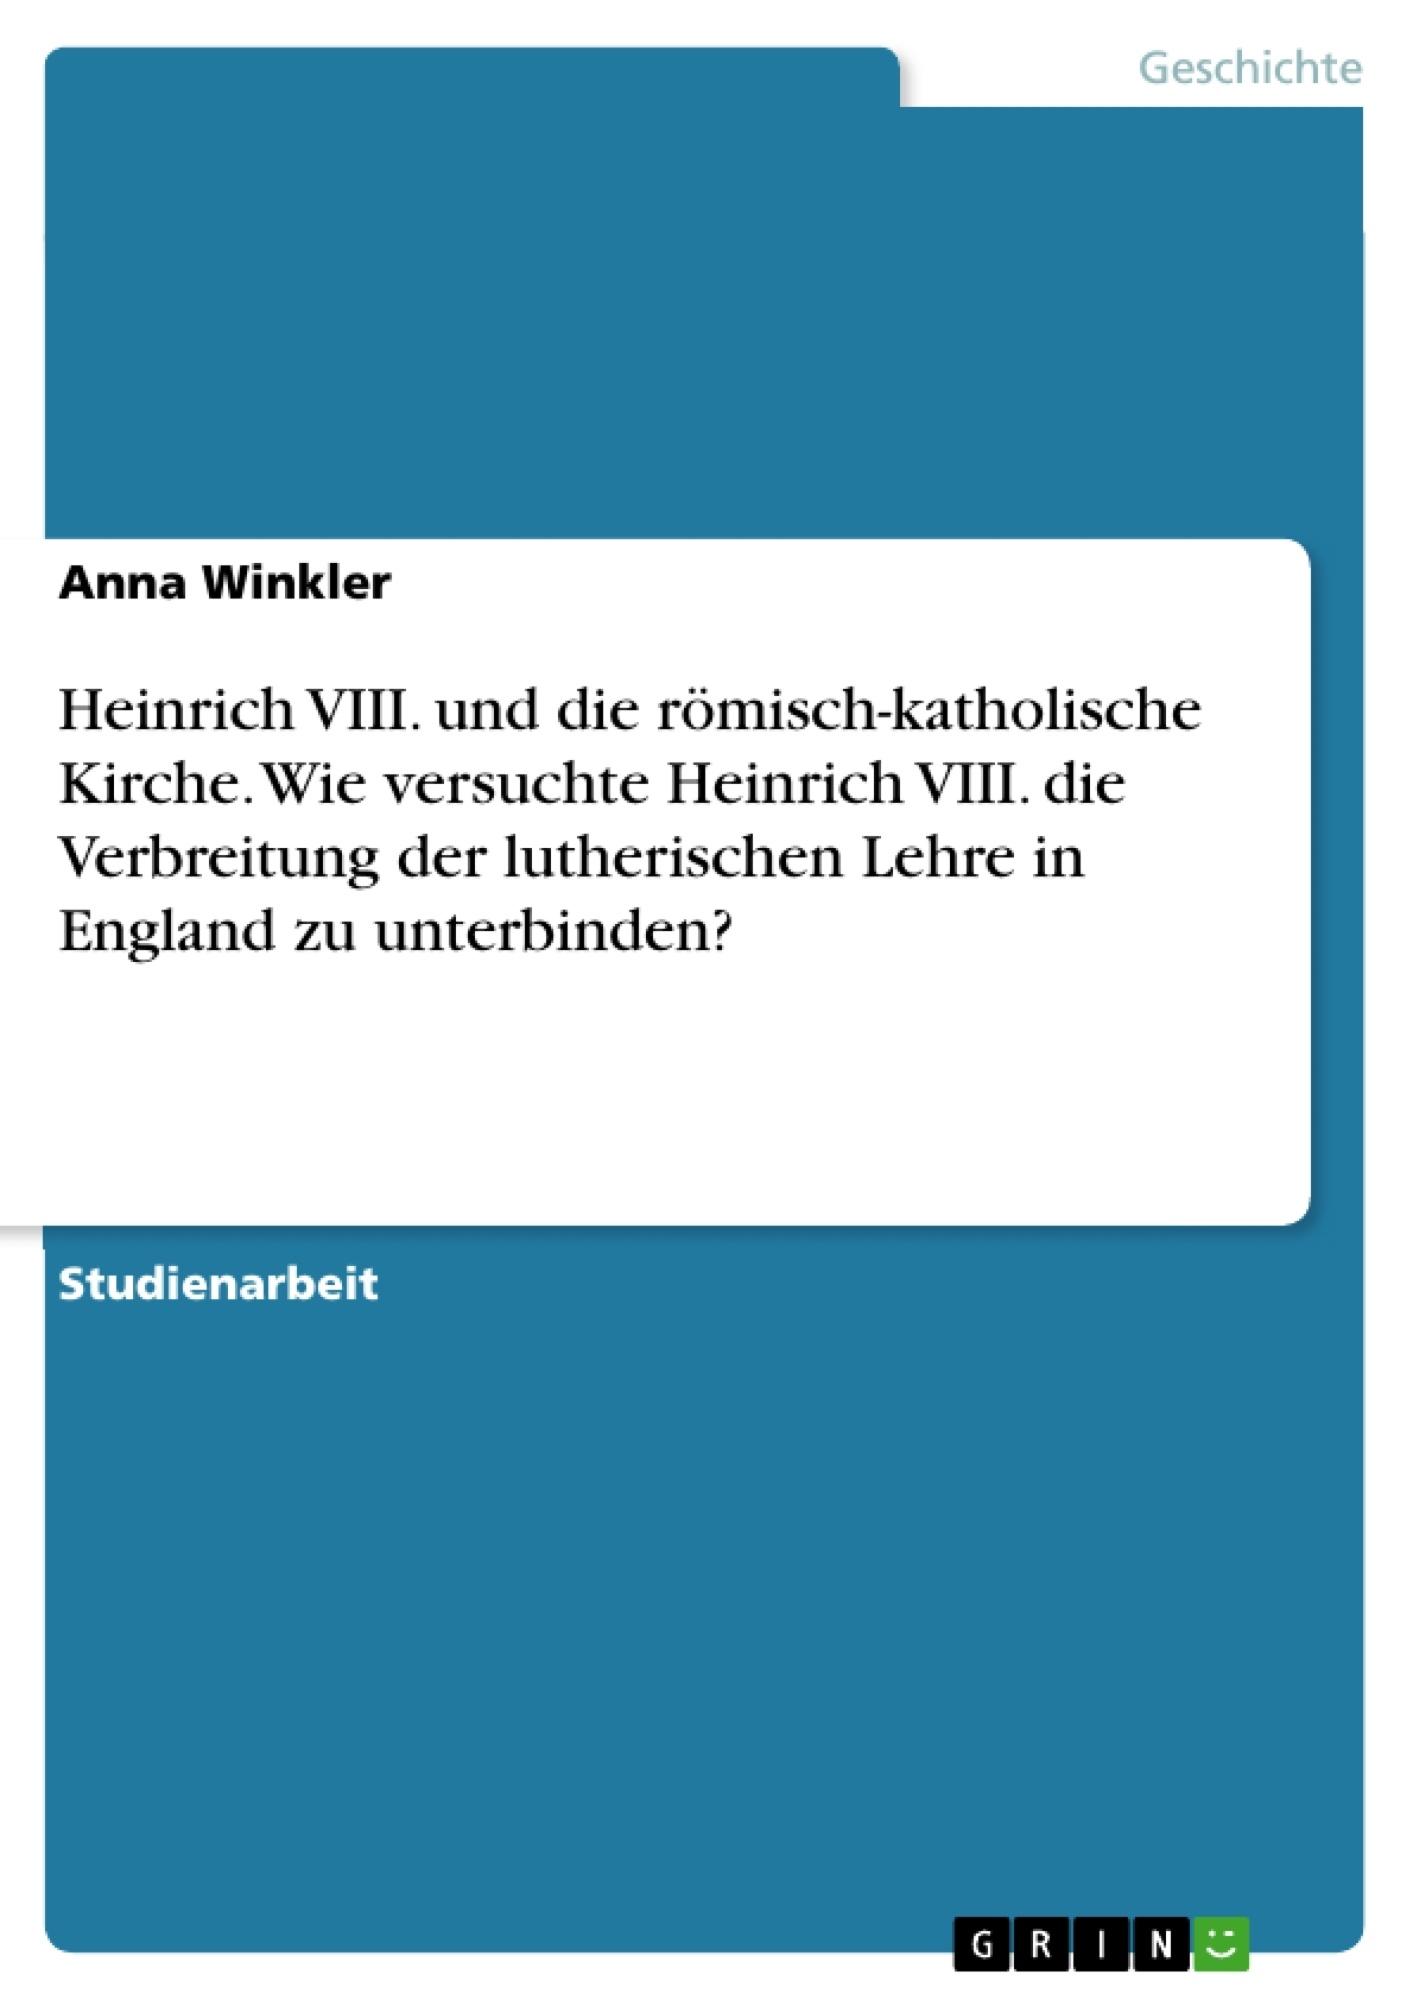 Titel: Heinrich VIII. und die römisch-katholische Kirche. Wie versuchte Heinrich VIII. die Verbreitung der lutherischen Lehre in England zu unterbinden?